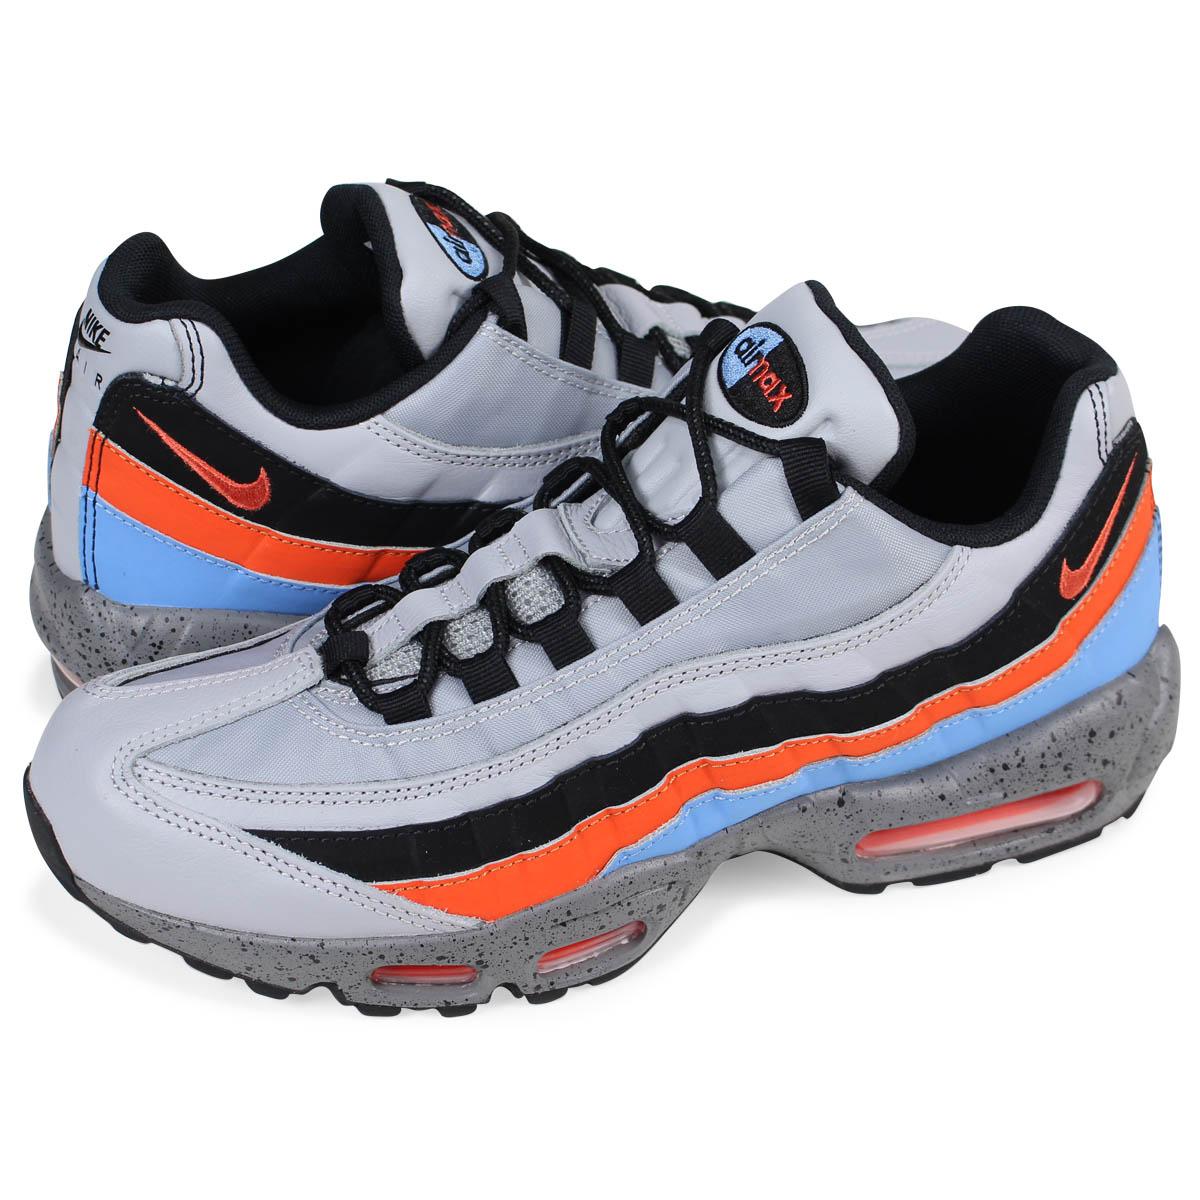 NIKE AIR MAX 95 PREMIUM Kie Ney AMAX 95 premium sneakers men 538,416-015  gray